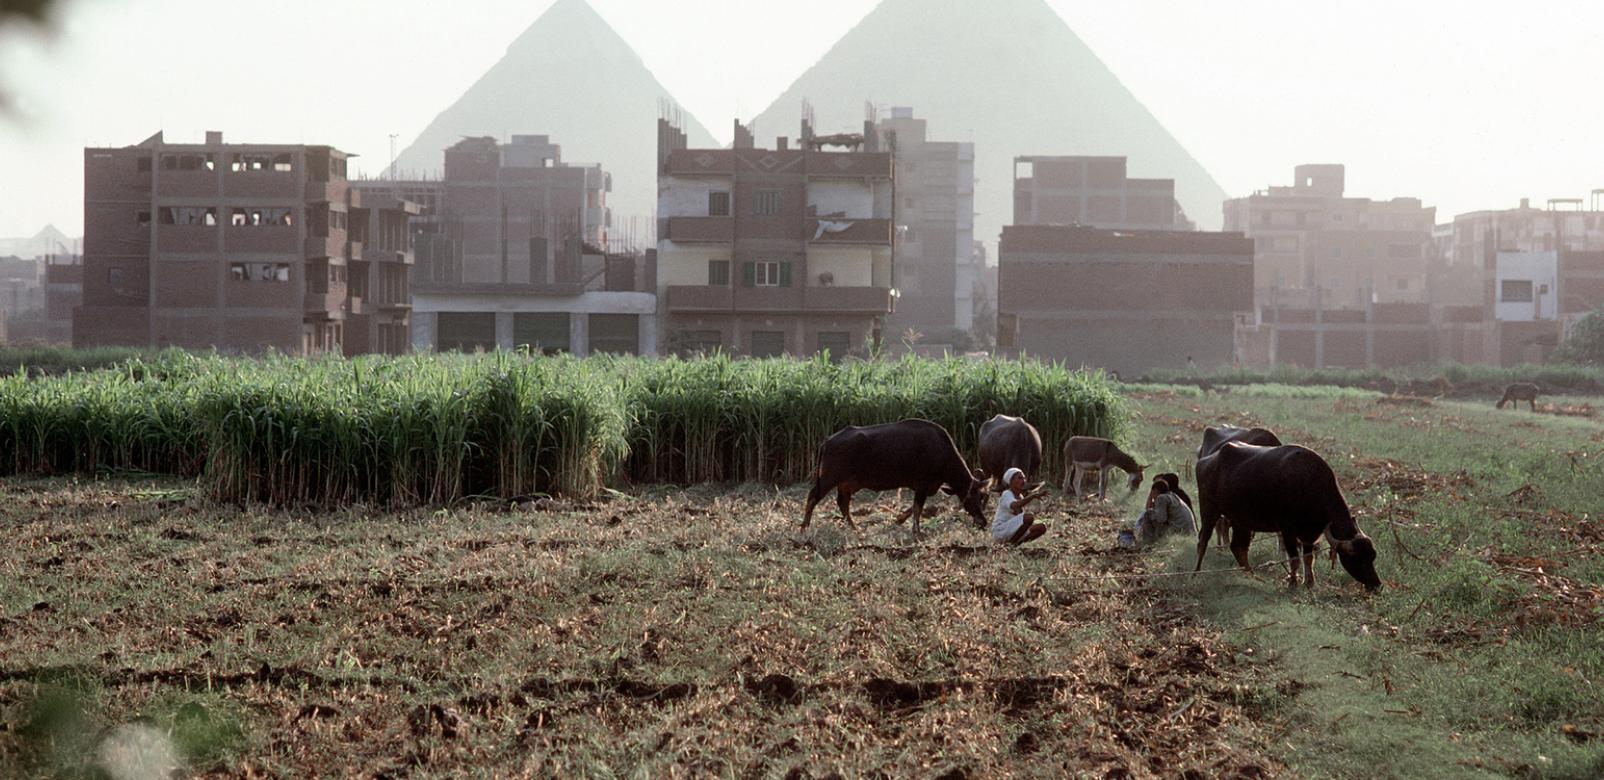 L'Egypte veut profiter des opportunités commerciales liées à la forte demande chinoise de produits agricoles